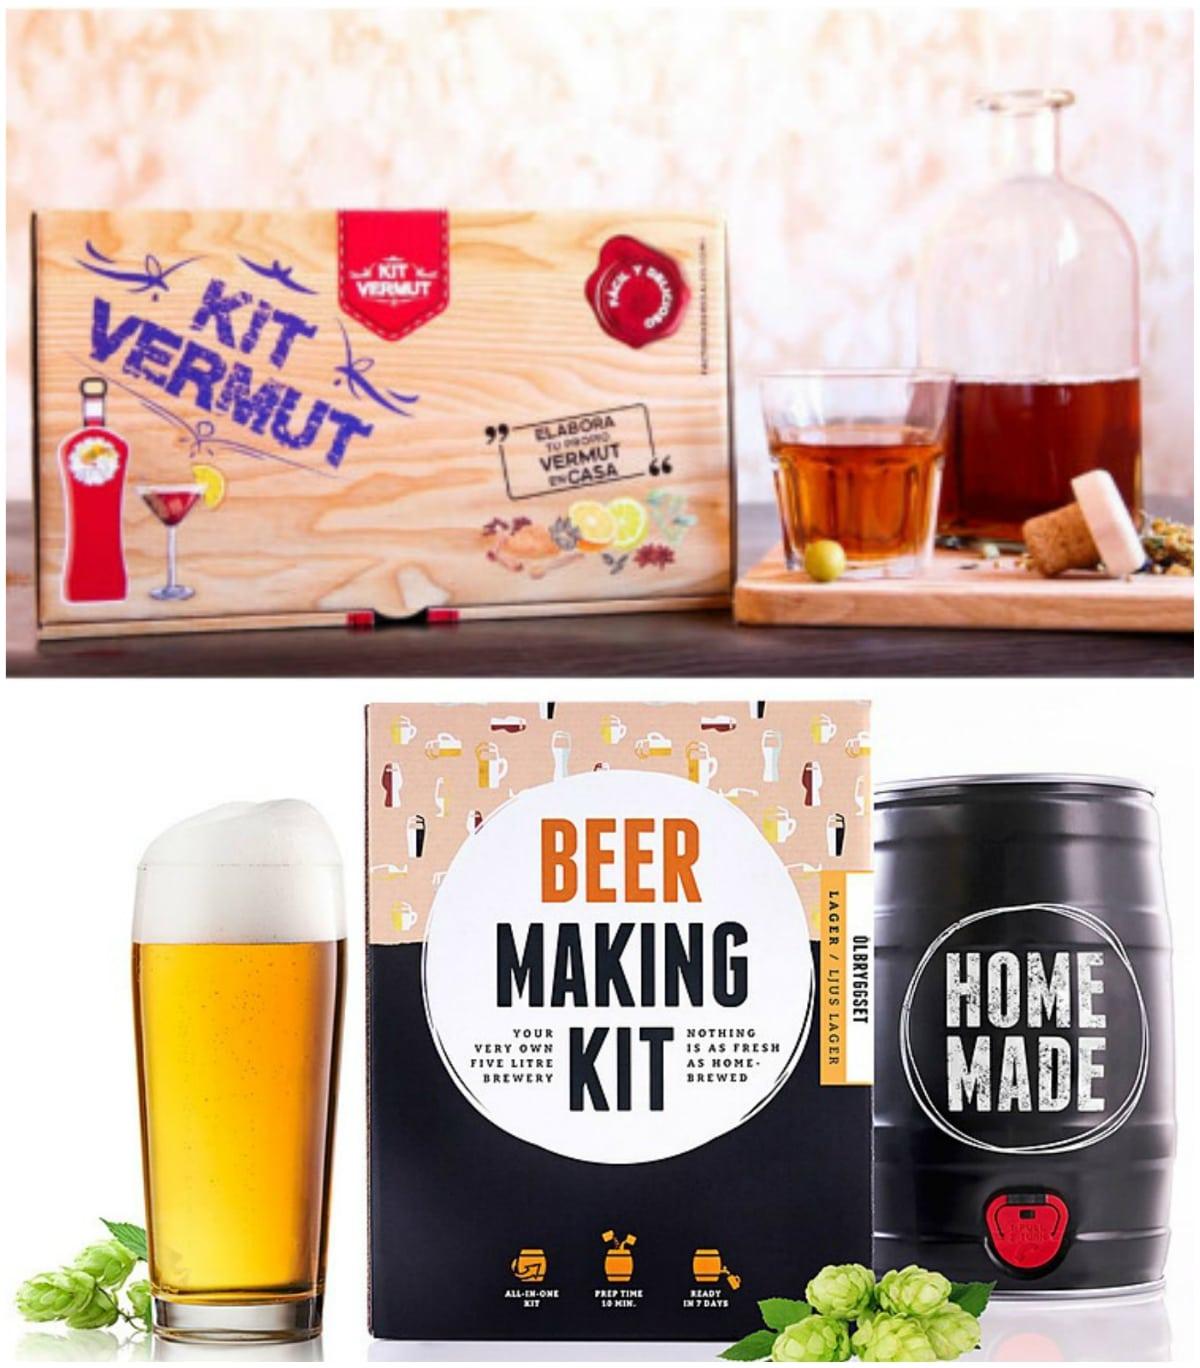 Kit para elaborar tu propio vermut o cerveza artesana